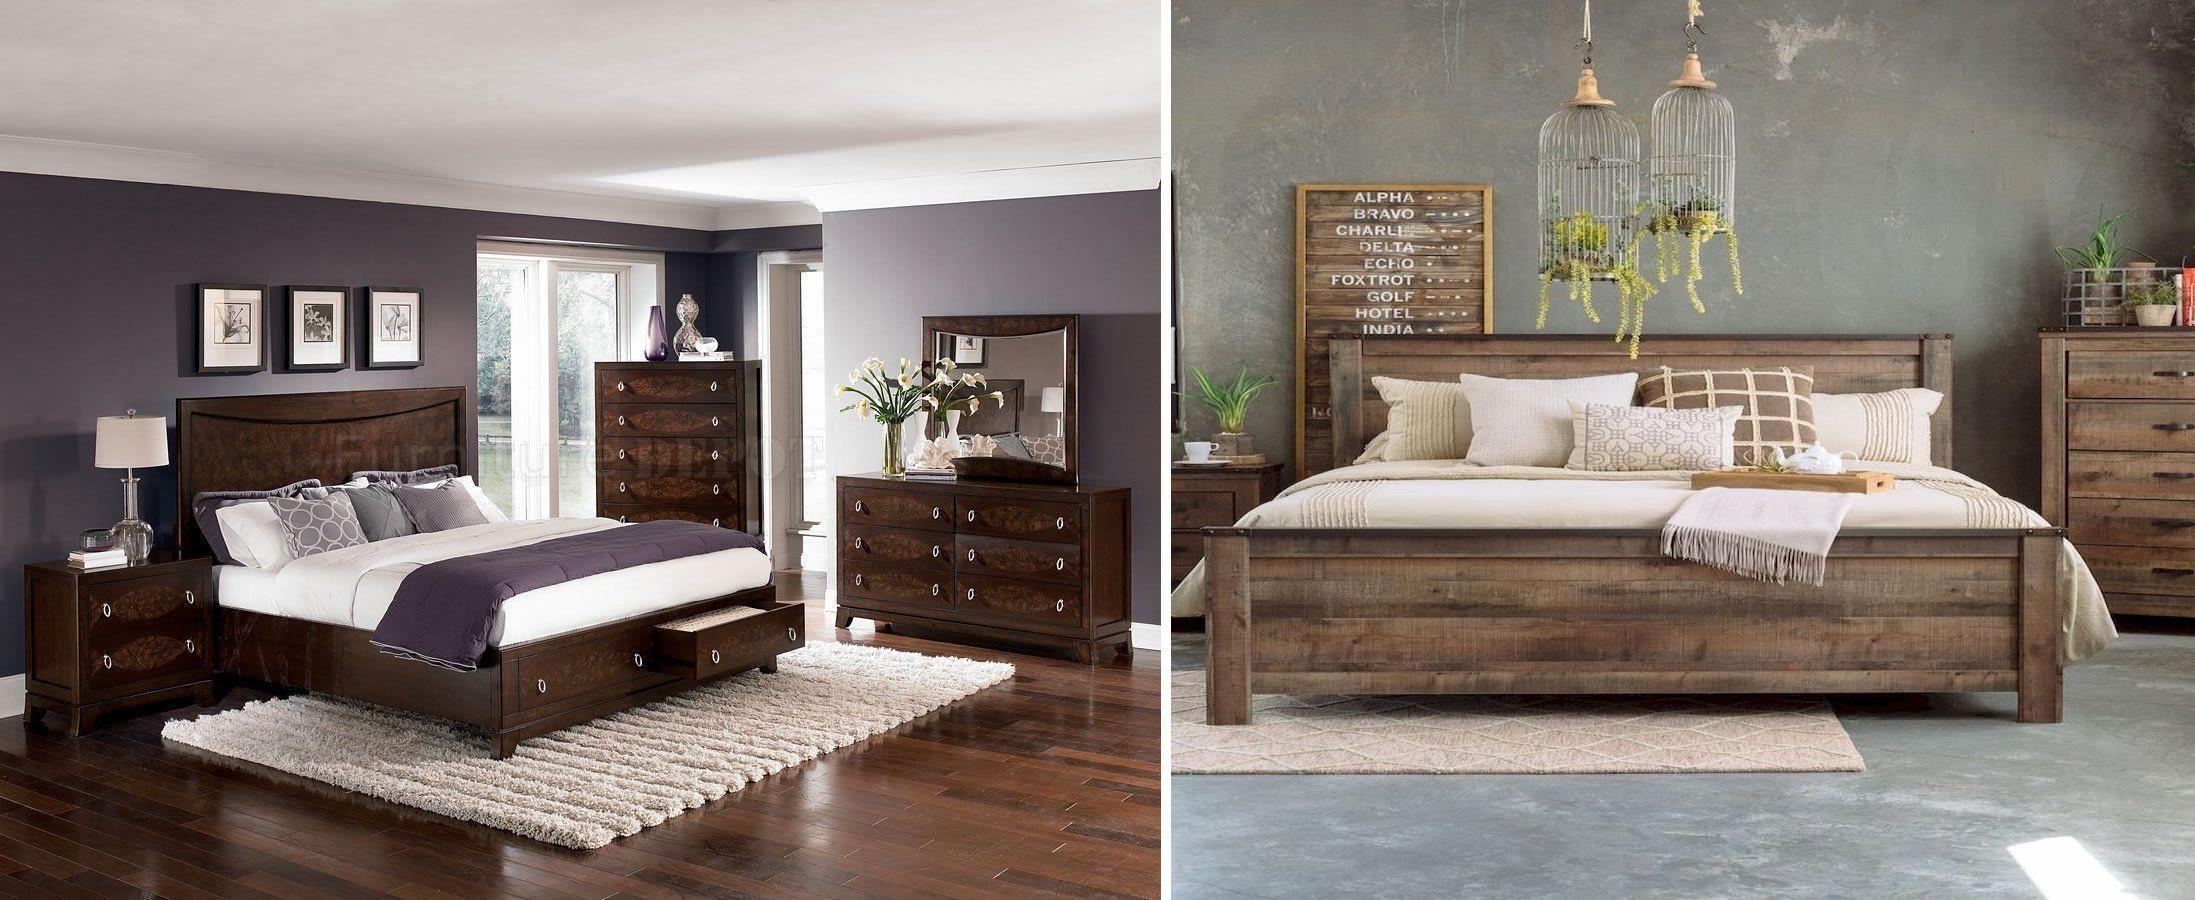 cheap bedroom furniture  bedroom furniture sets including